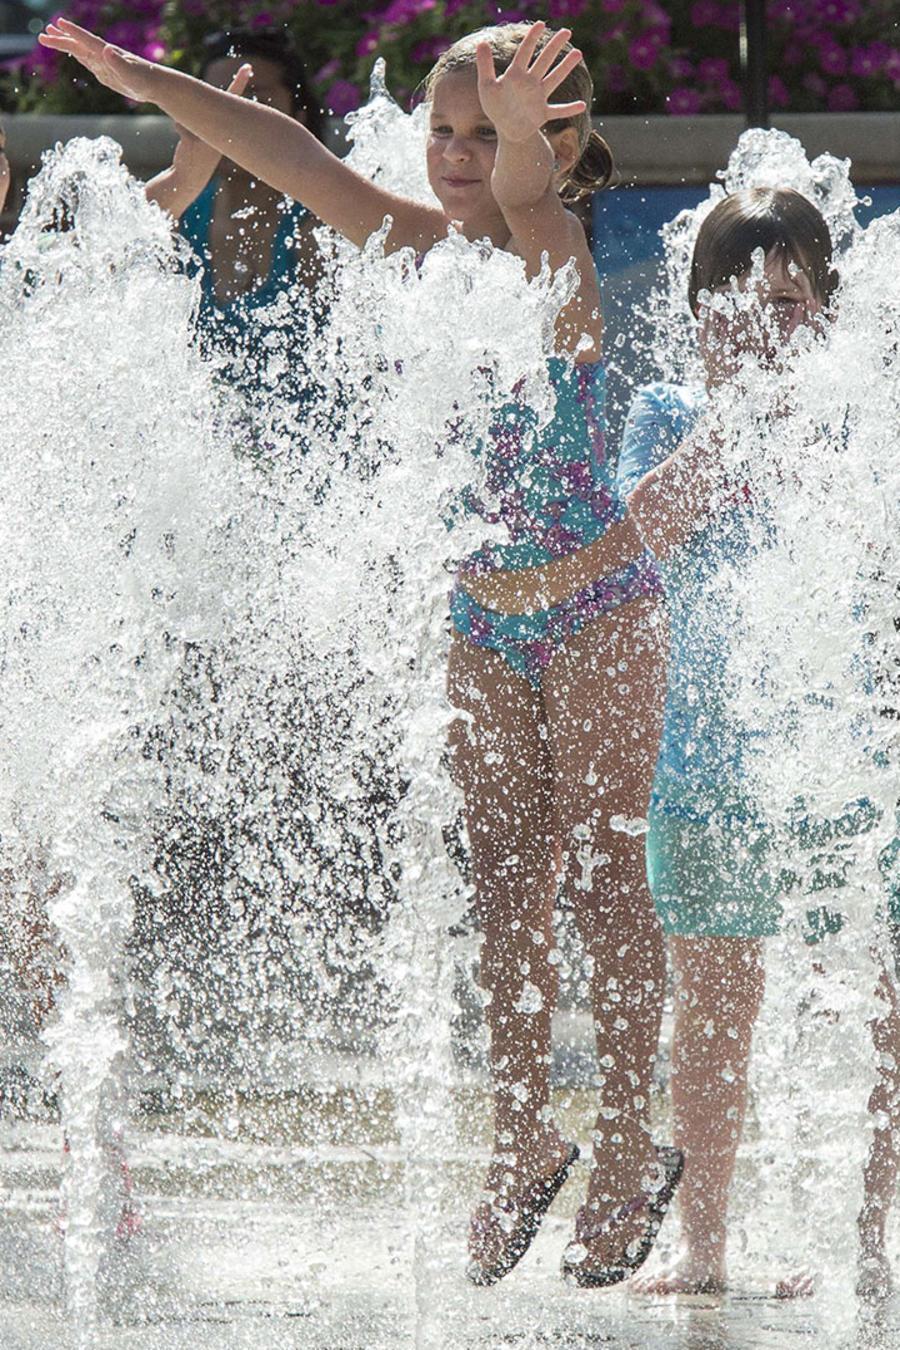 Continúa la ola de calor en varios estados de la nación